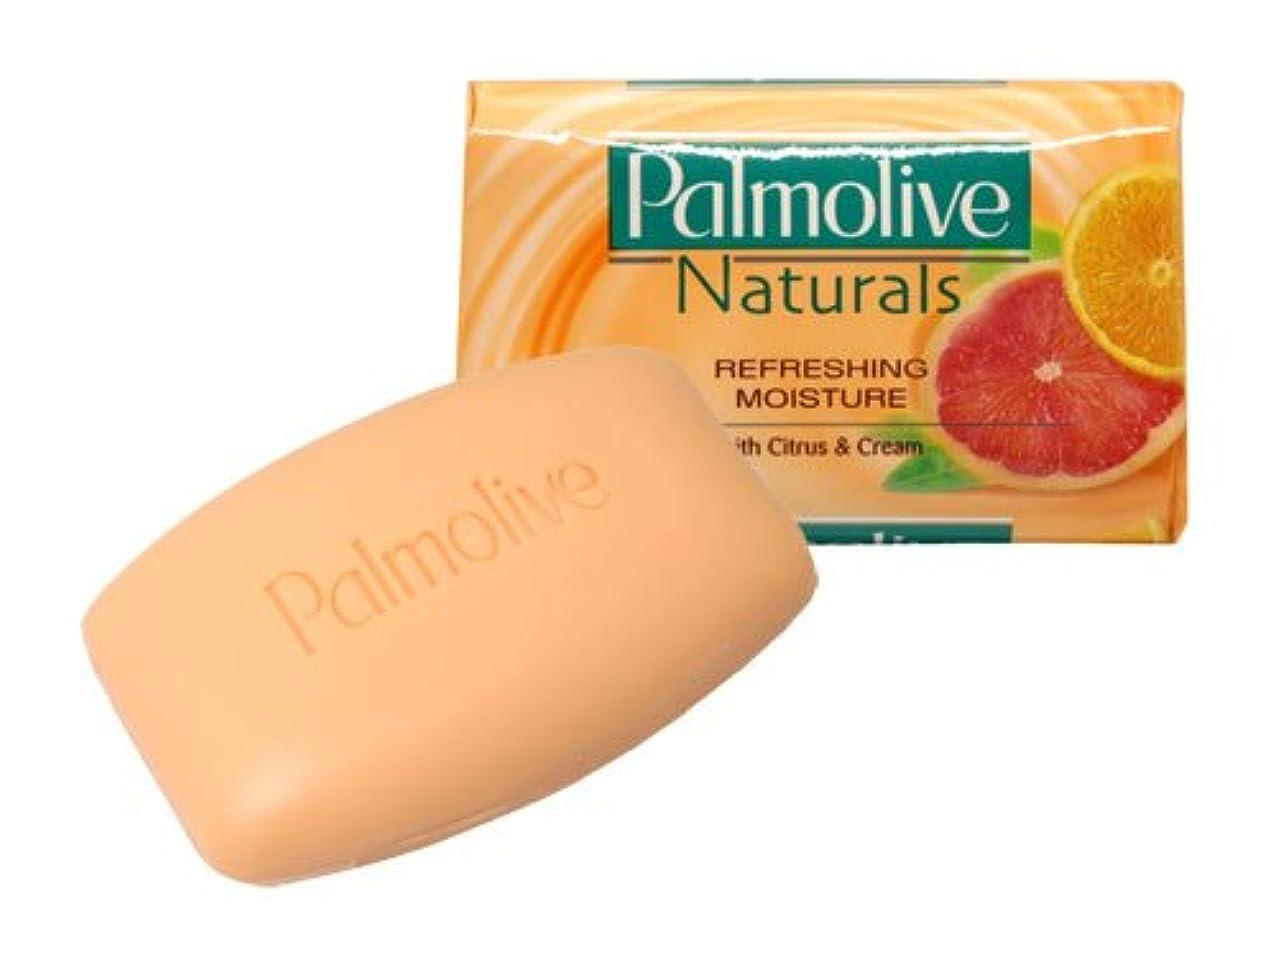 間違いなく弾性約束する【Palmolive】パルモリーブ ナチュラルズ石鹸3個パック(シトラス&クリーム)